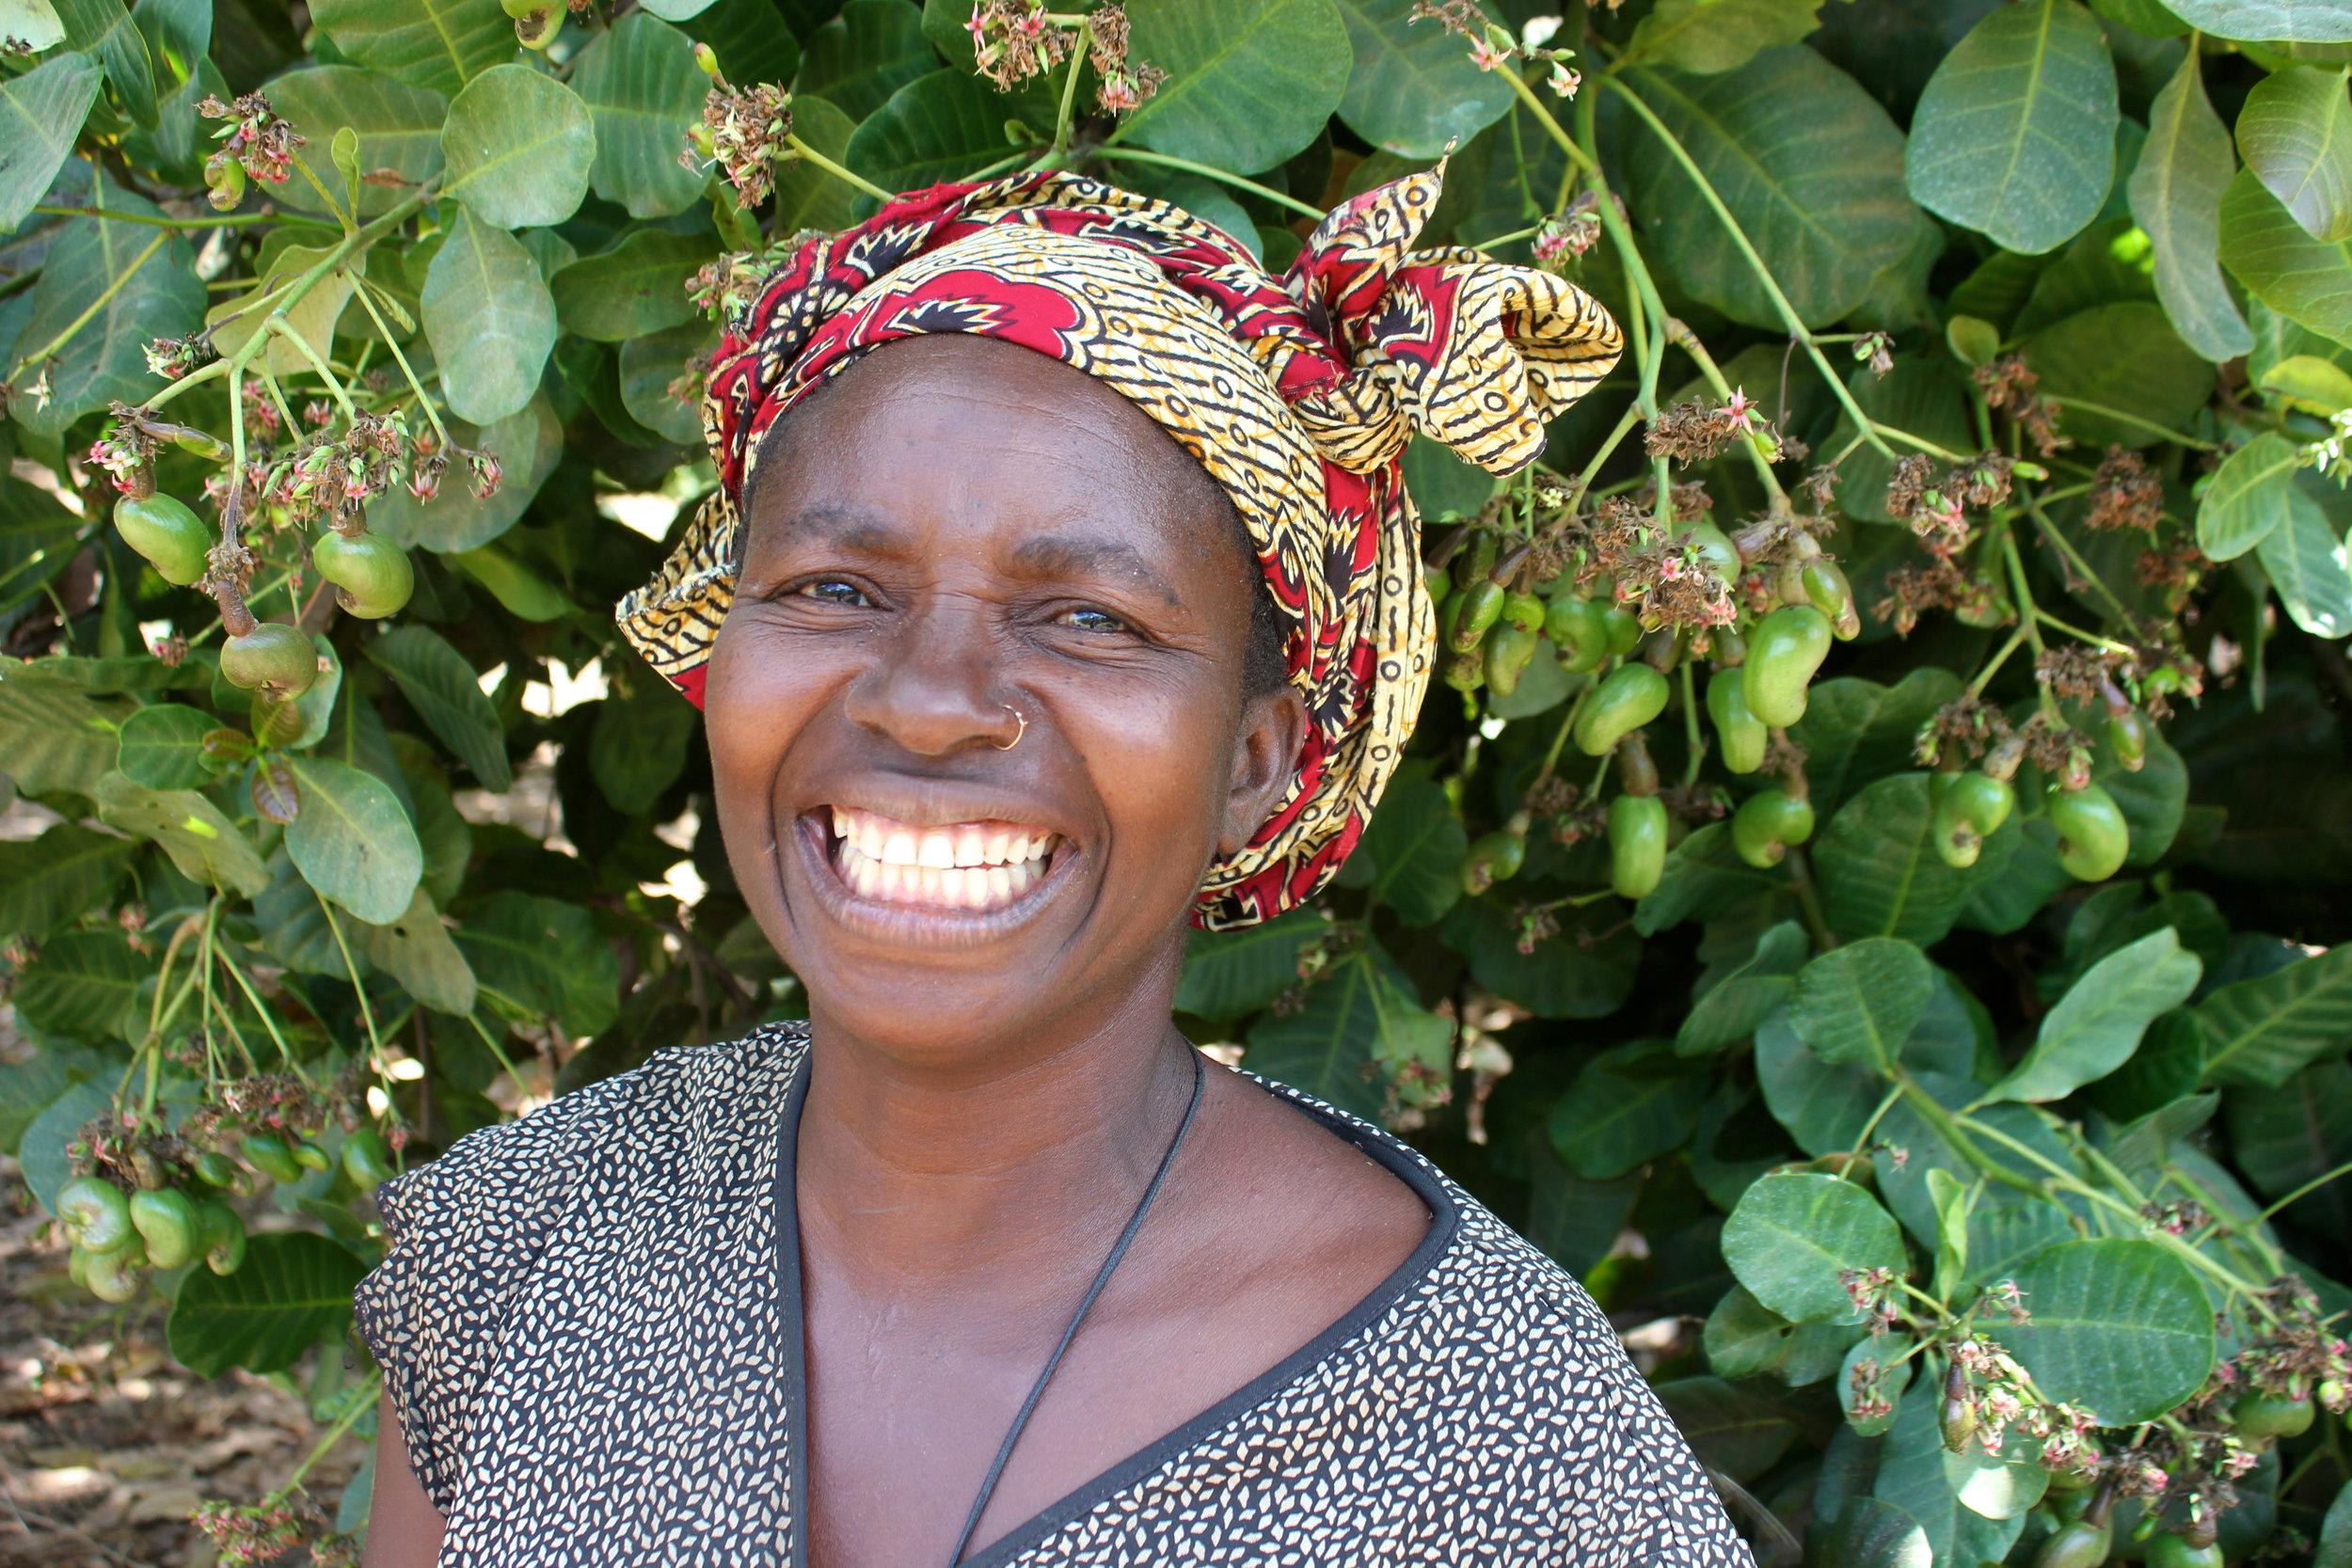 Nangade district, Cabo Delgado province  - MozaCajú farmer Alda Filomena André enjoys showing off her young cashew nuts that have begun to grow |  MozaCajú produtor Alda Filomena André gosta de mostrar seus jovens castanha de caju que estão a crescer